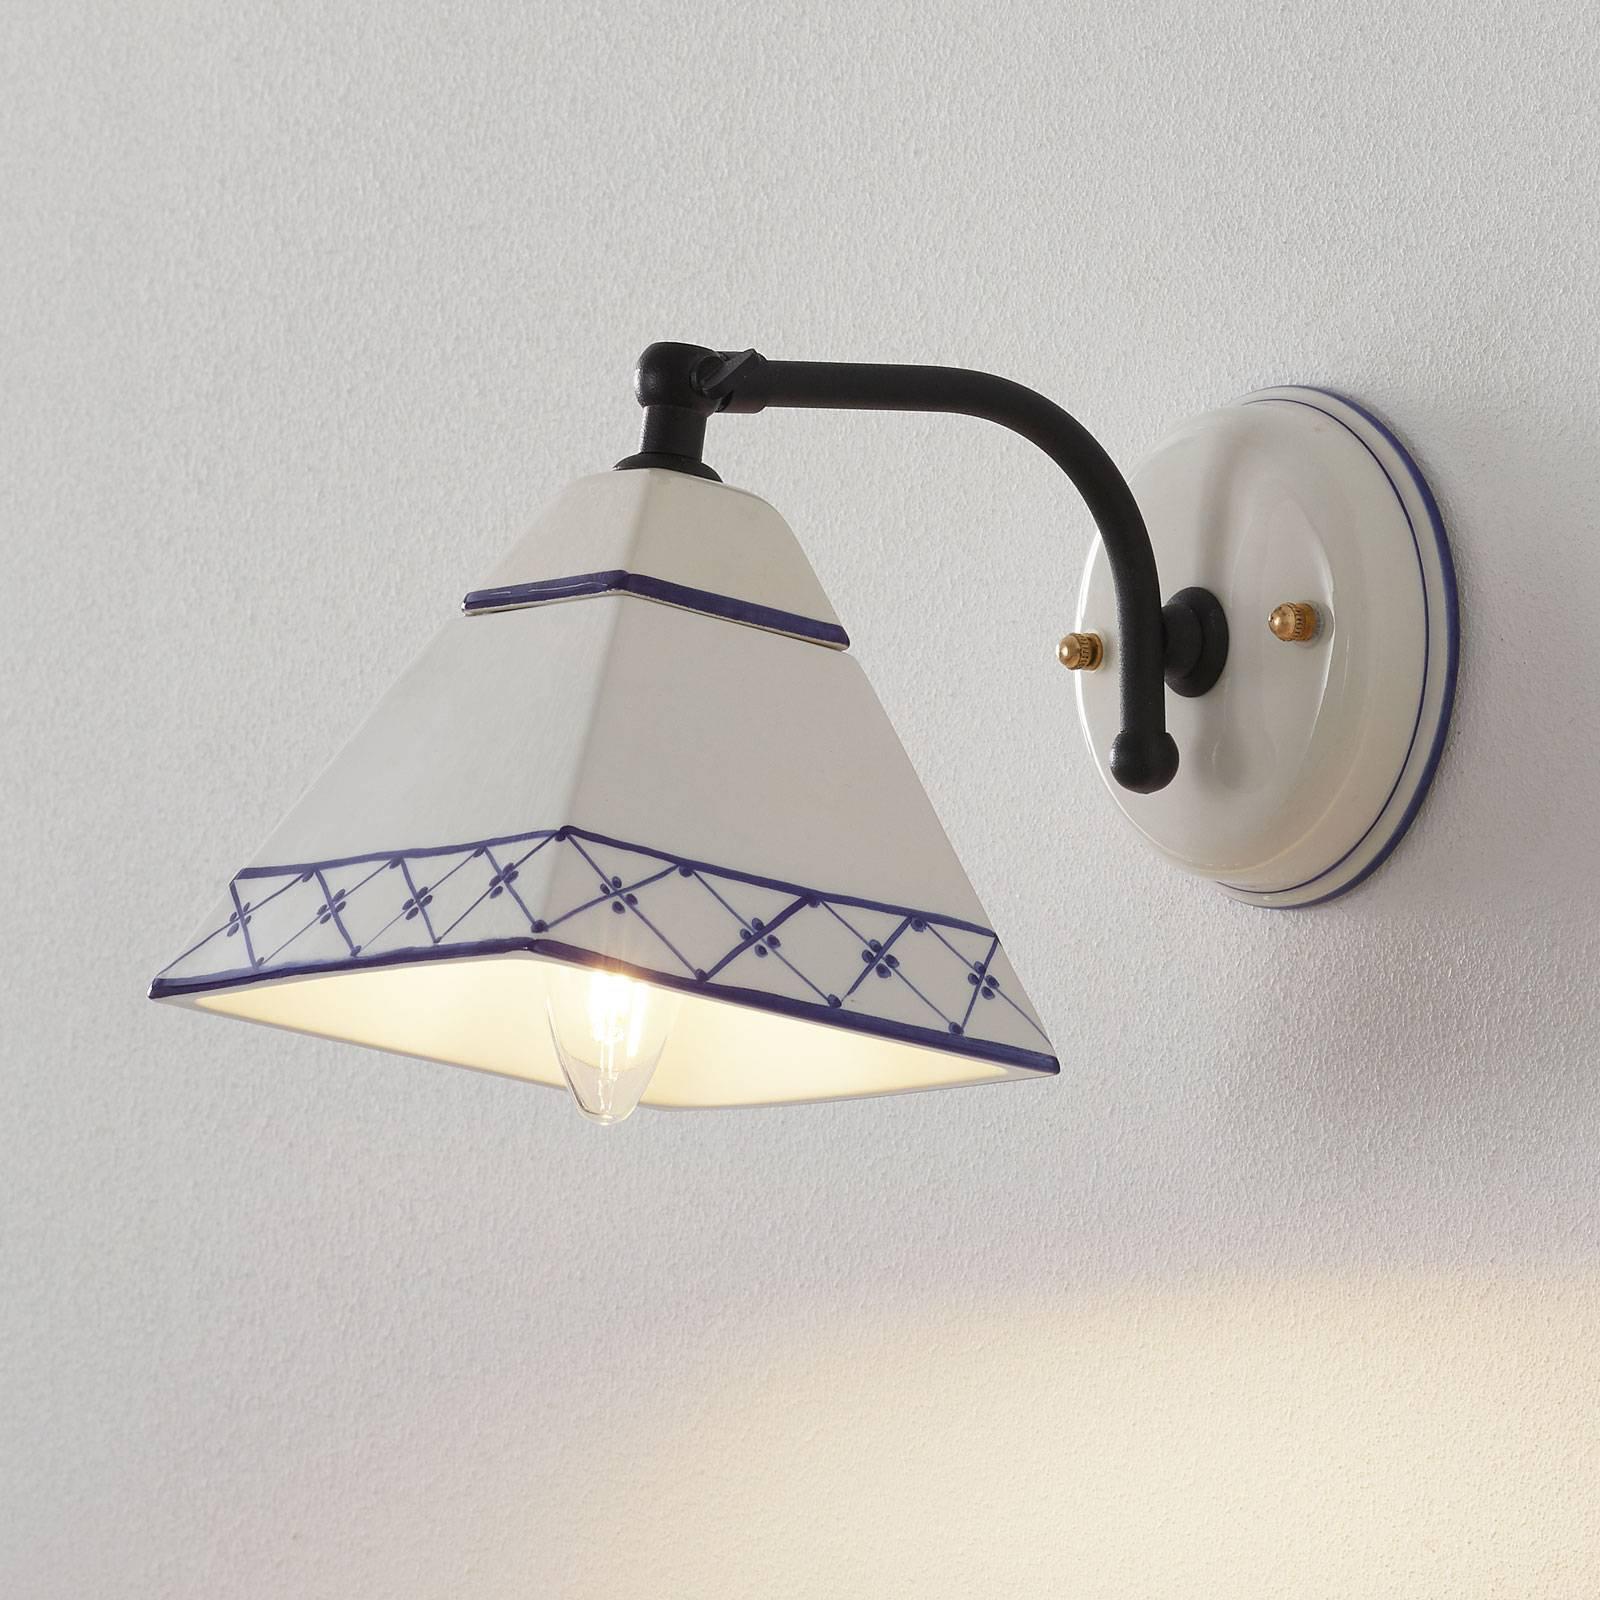 Vegglampe Murano i landstil